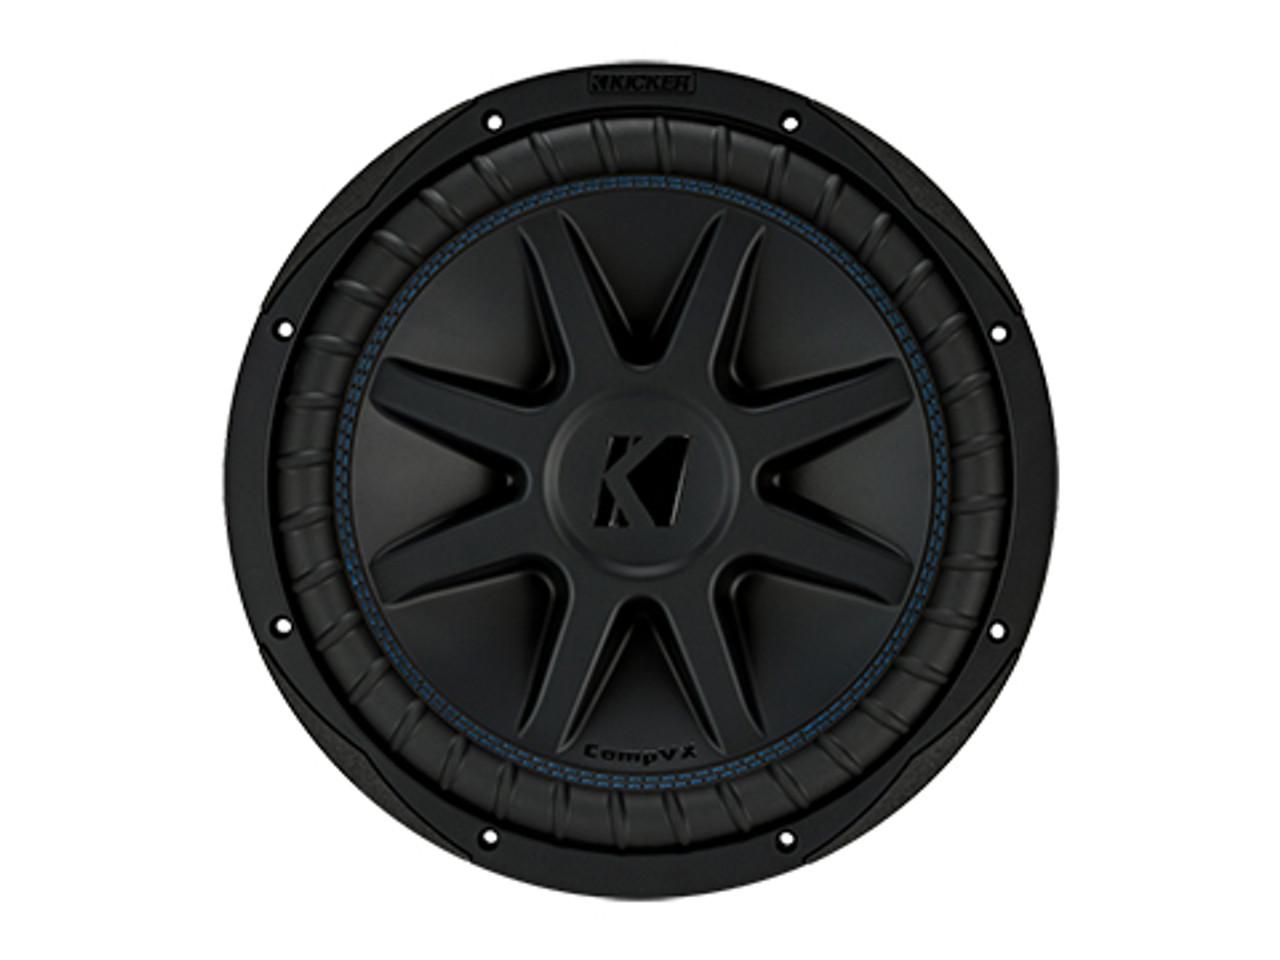 34d6fc3956c2 Kicker Comp VX 12 inch Car Audio Subwoofer Dual 4 Ohm Sub - 44CVX124